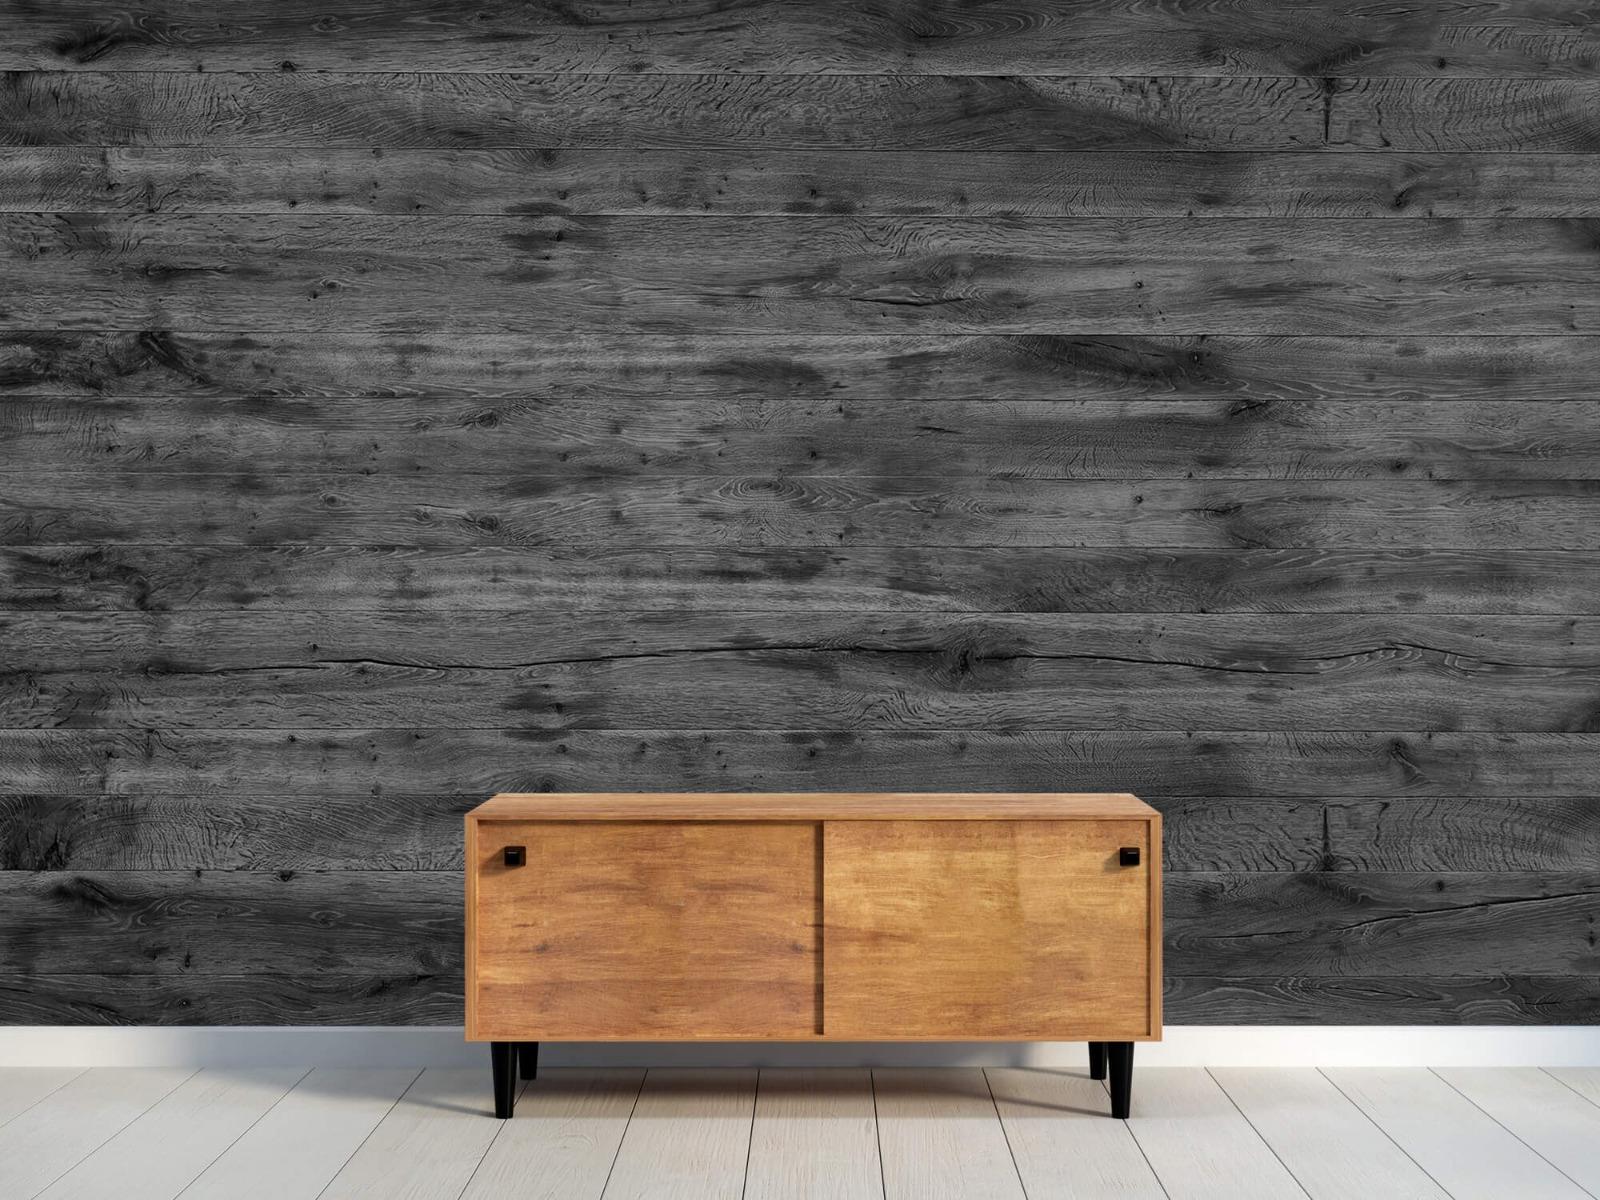 Hout behang - Grijze houten planken - Directie 11